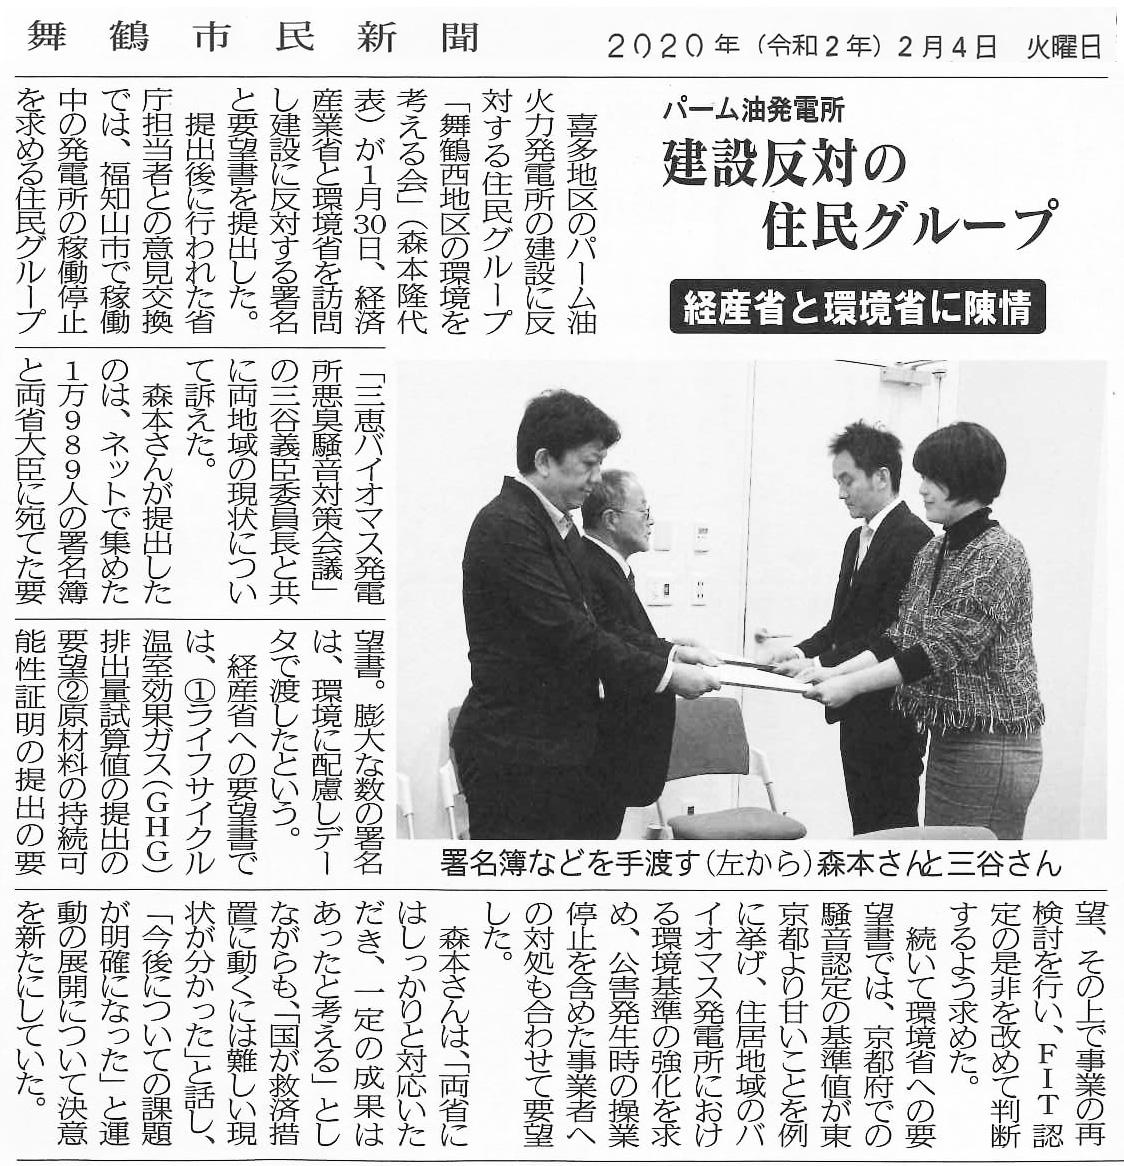 舞鶴市民新聞に経済産業省と環境省への陳情が掲載されました 2020年2月4日